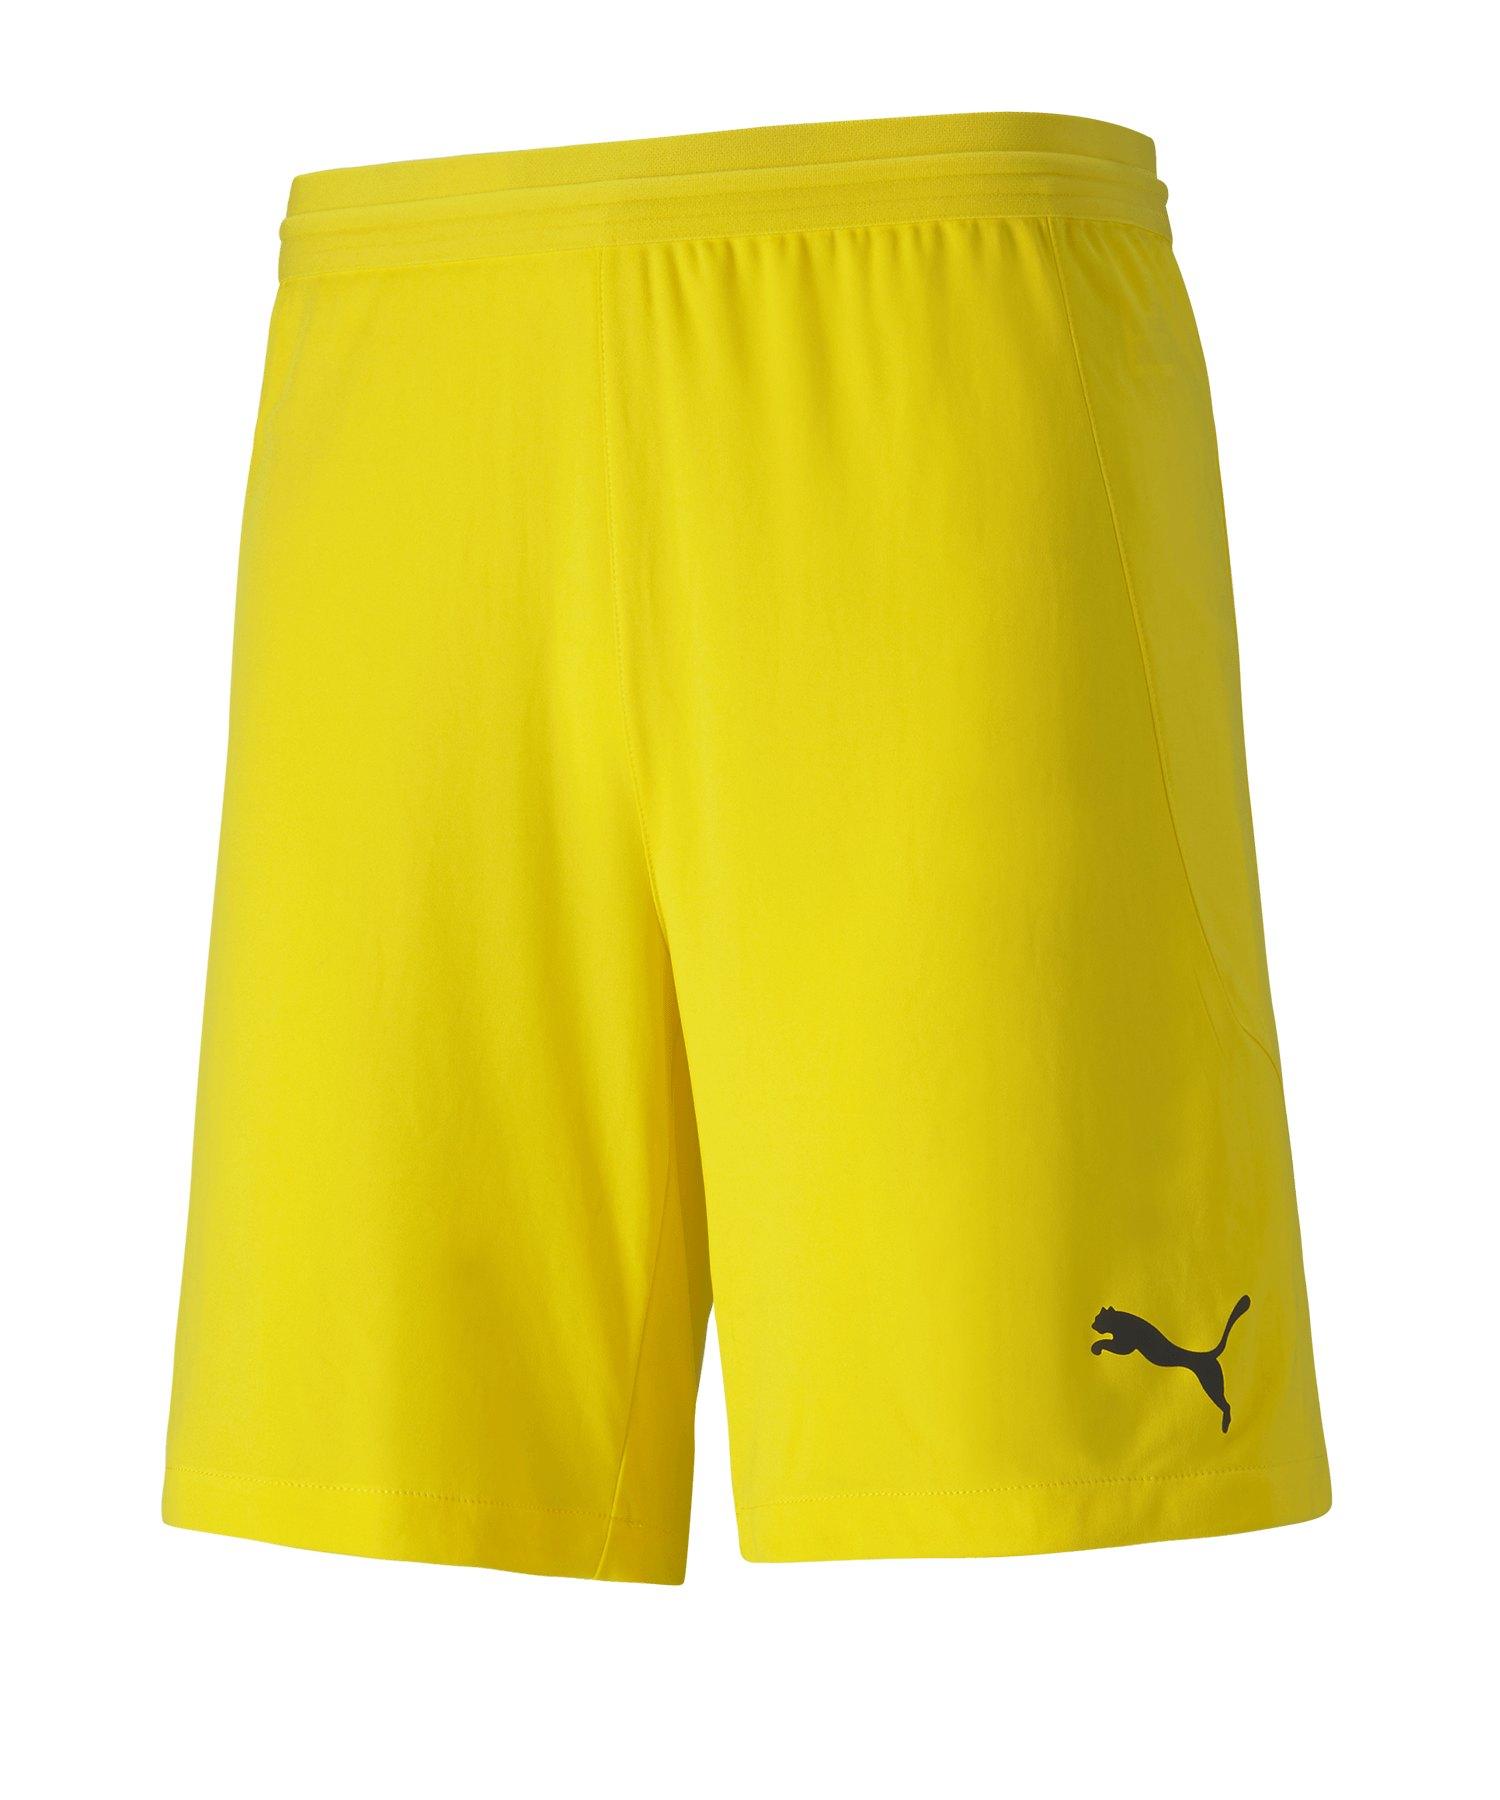 PUMA teamFINAL 21 Knit Short Gelb F07 - gelb